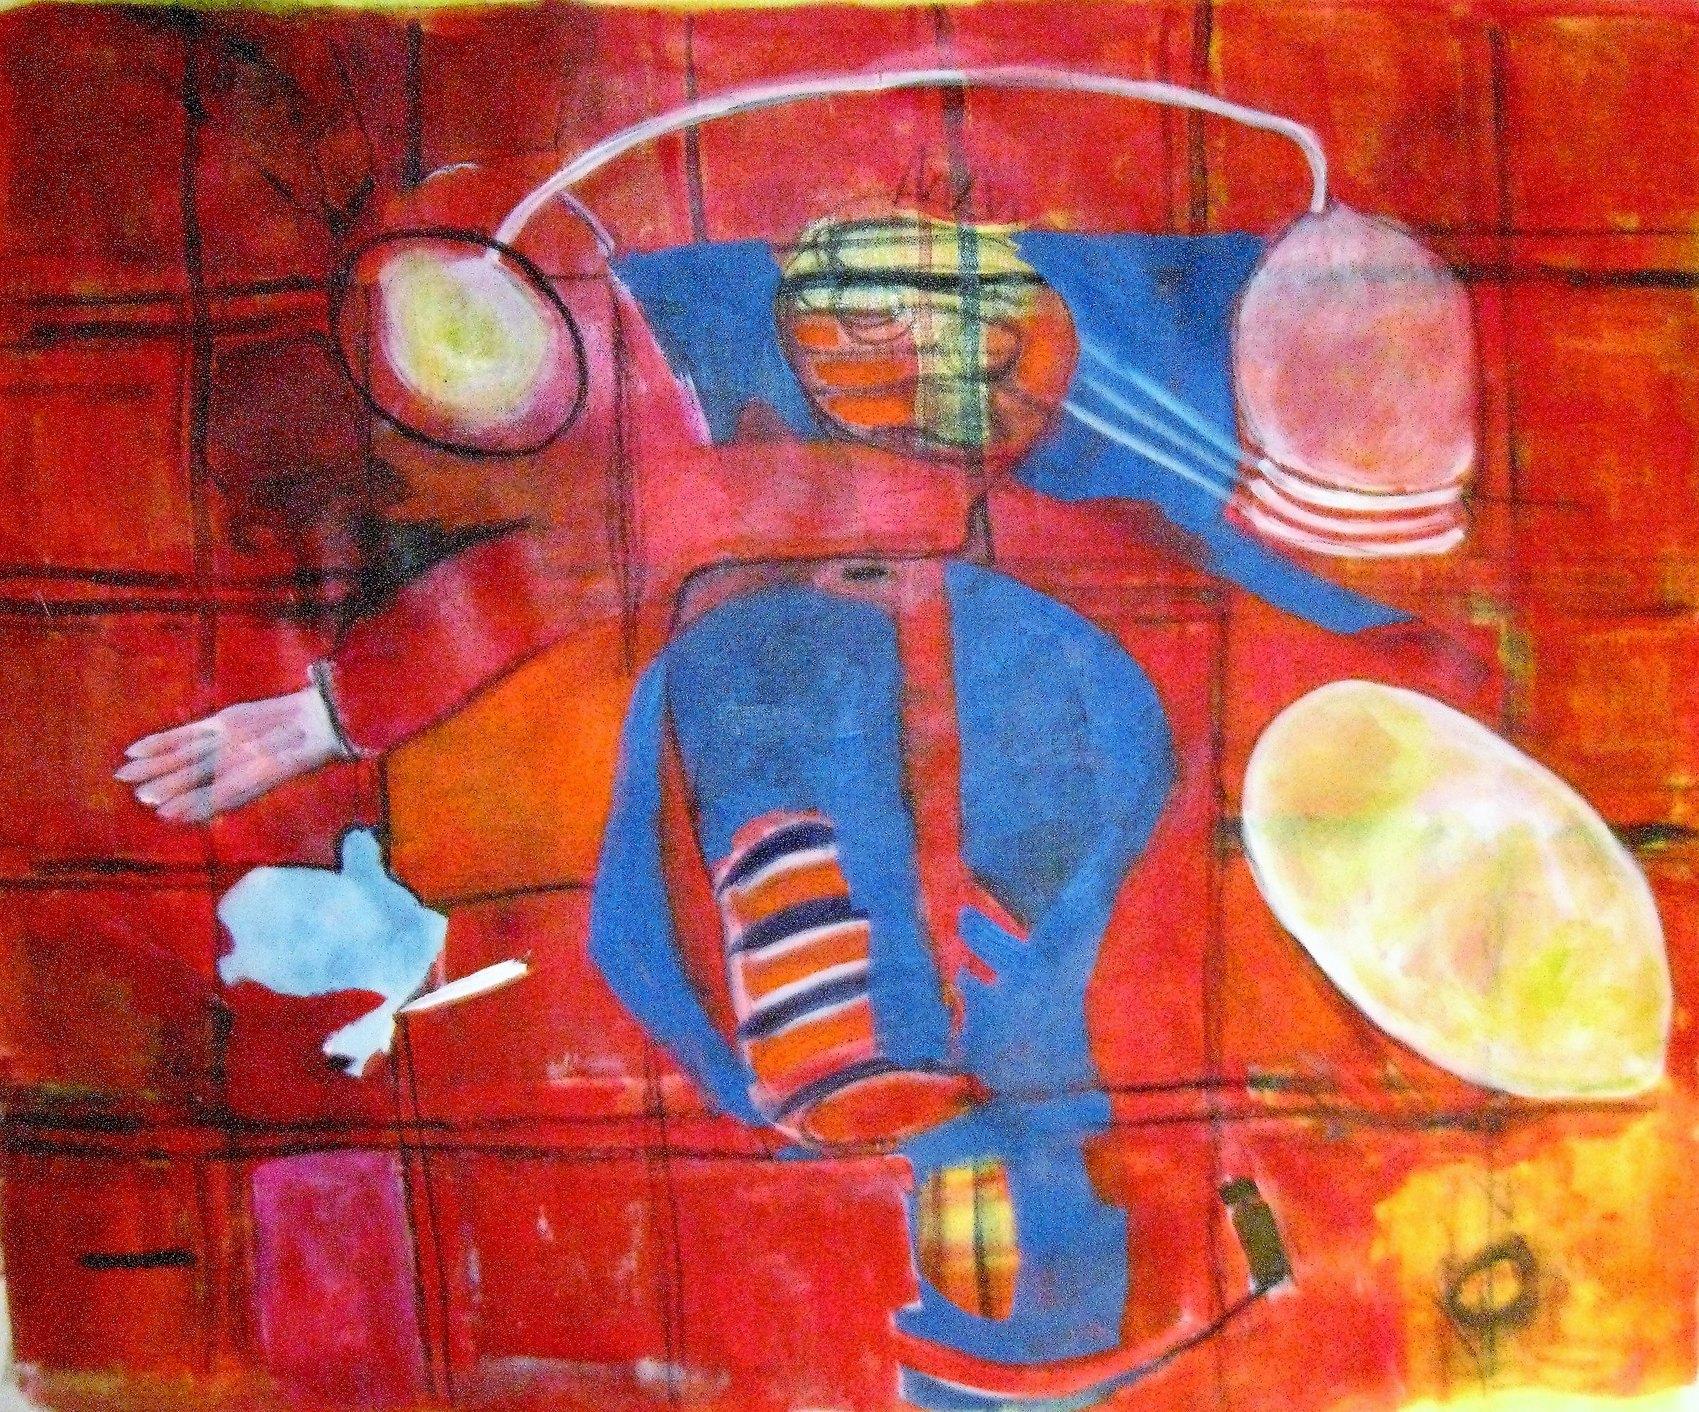 Les temps revisités. Exposition collective de peintures et de sculptures